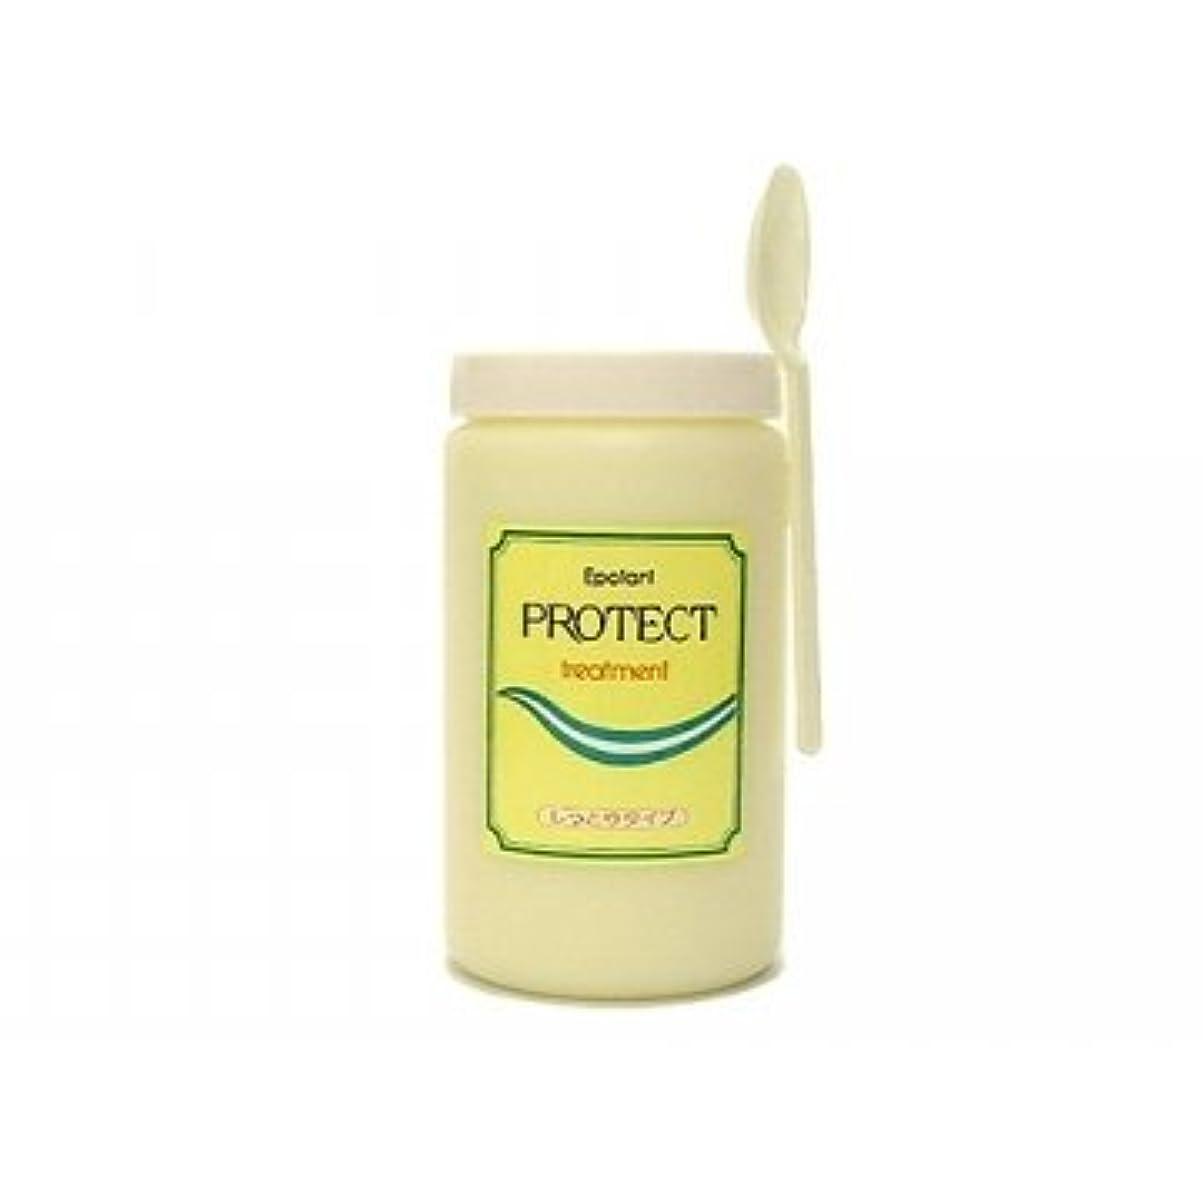 色合い保持勢いエポラール プロテクトヘアトリートメント (しっとりタイプ) 1kg 【中央有機化学】